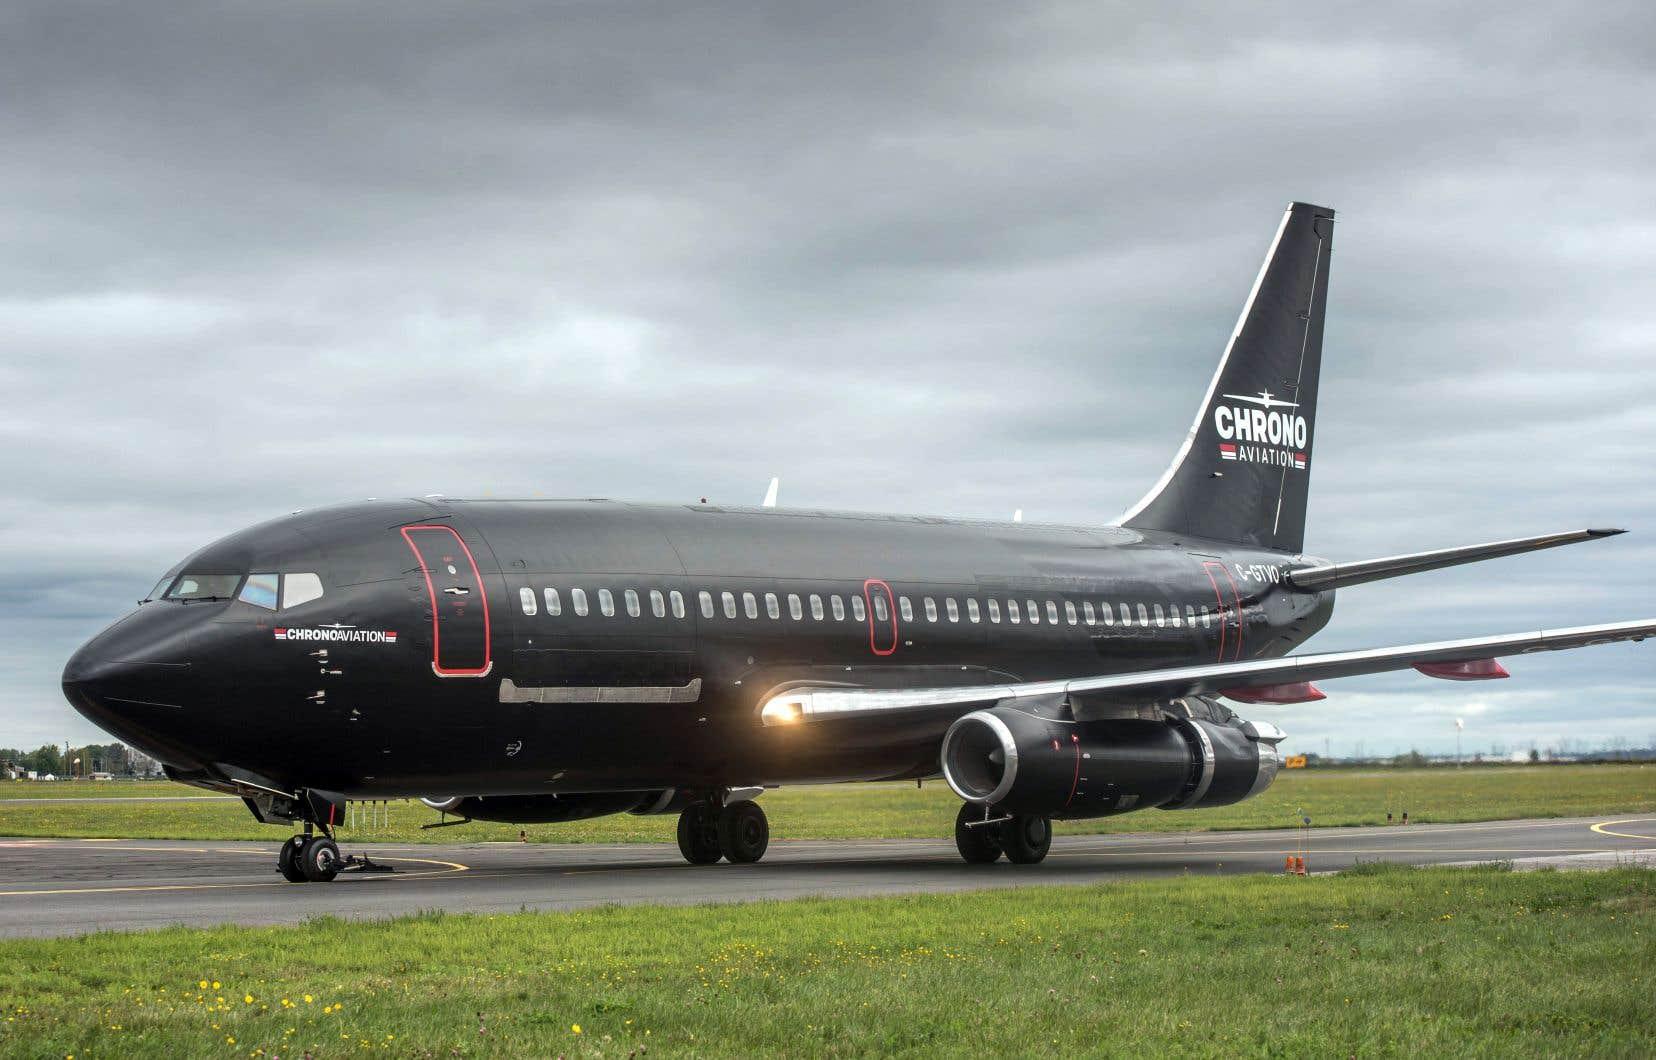 Le Boeing 737-200 de la compagnie Chrono Aviation, ici photographié à l'aéoroport de Saint-Hubert, dispose d'un rayon d'action de 2700 kilomètres et peut desservir les régions très éloignées du Nord-du-Québec et du Nunavut.